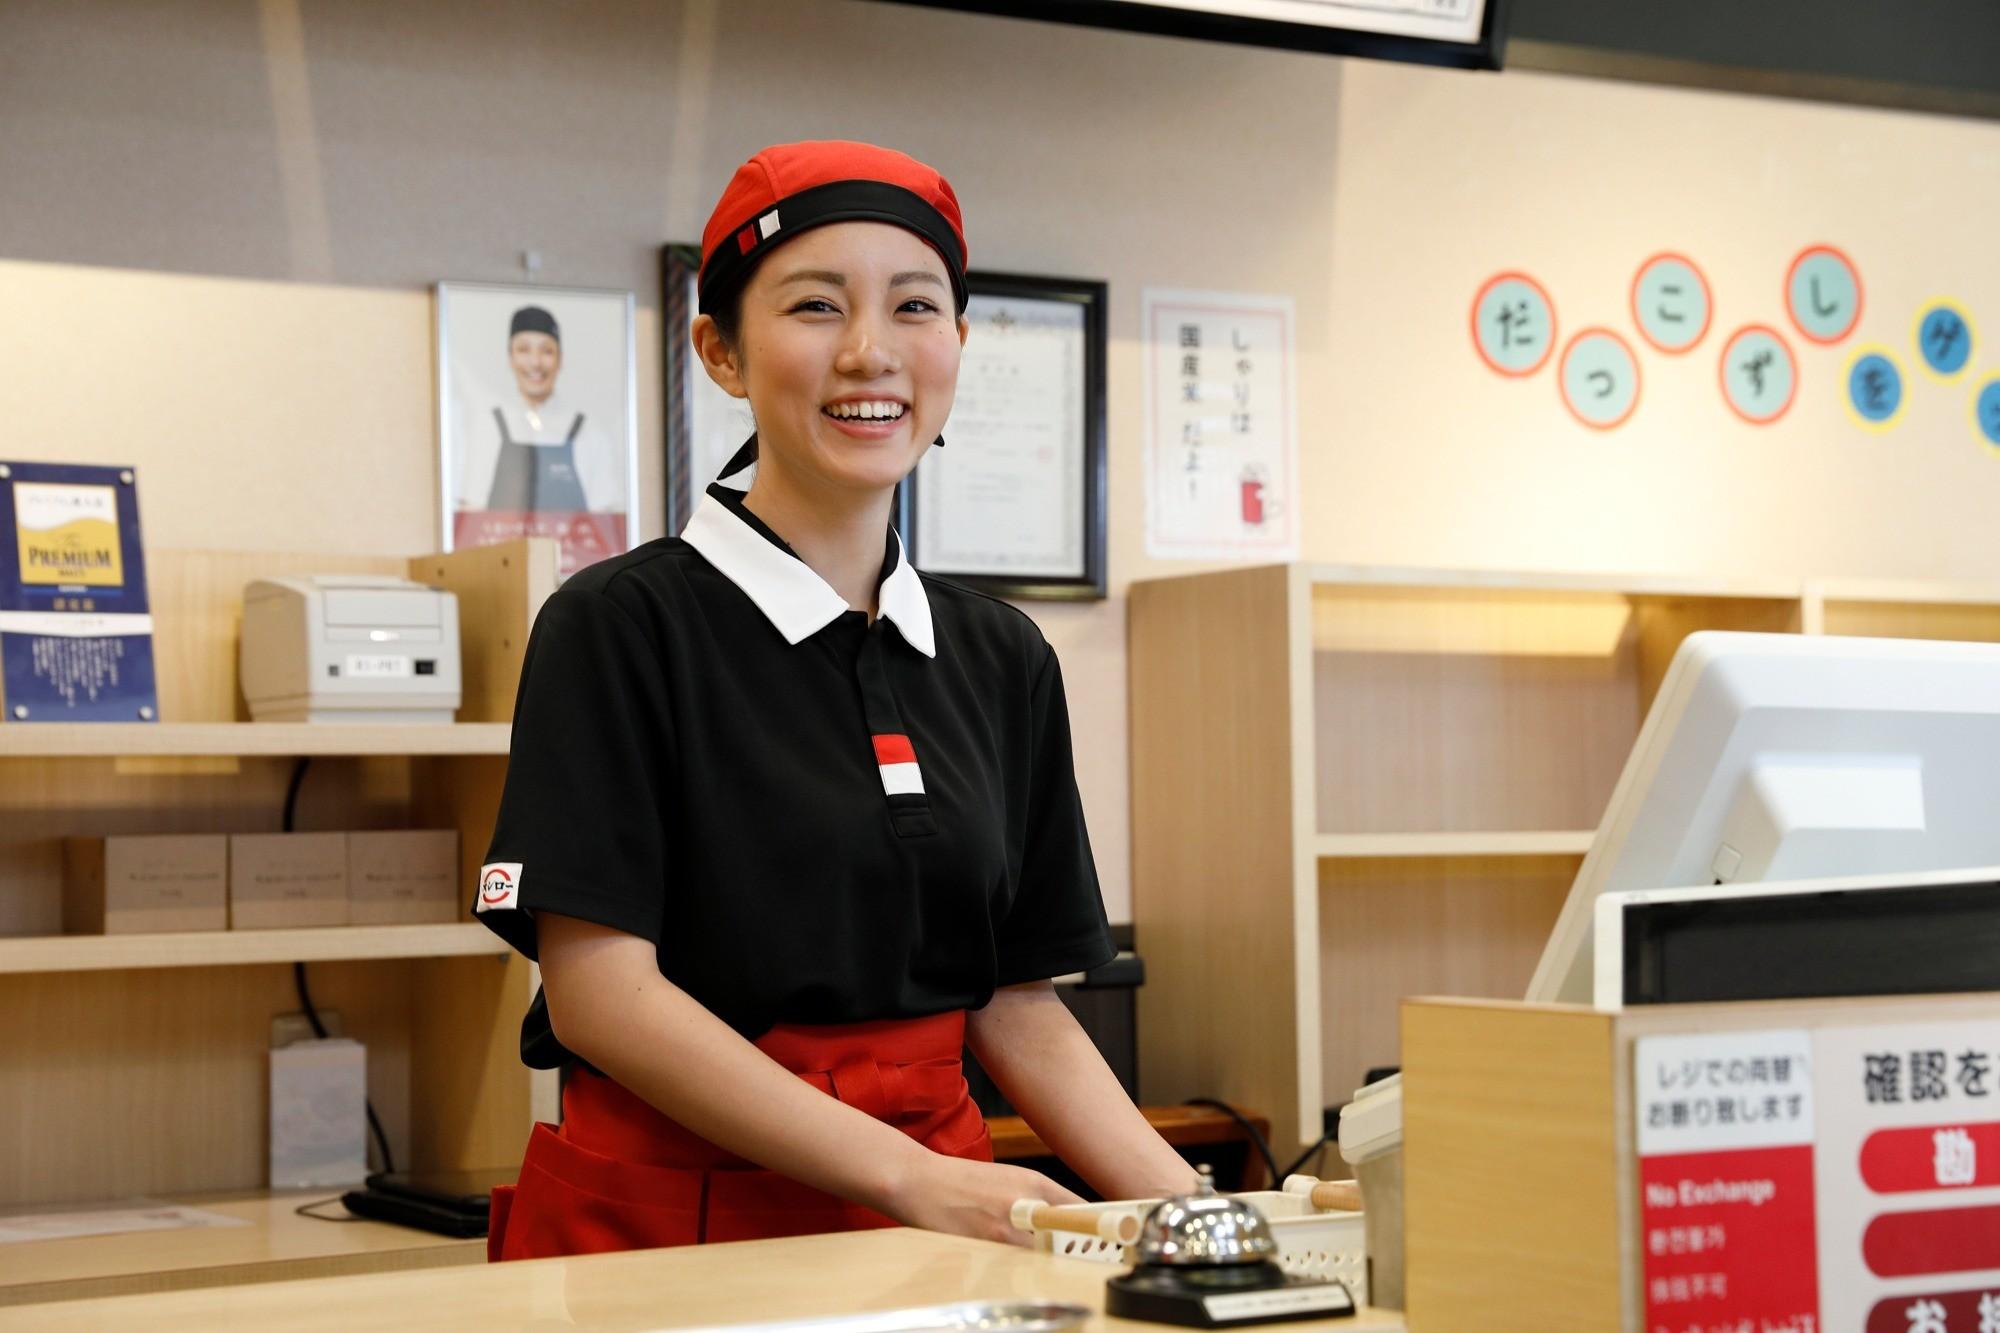 スシロー 川崎第一京浜店 のイメージ